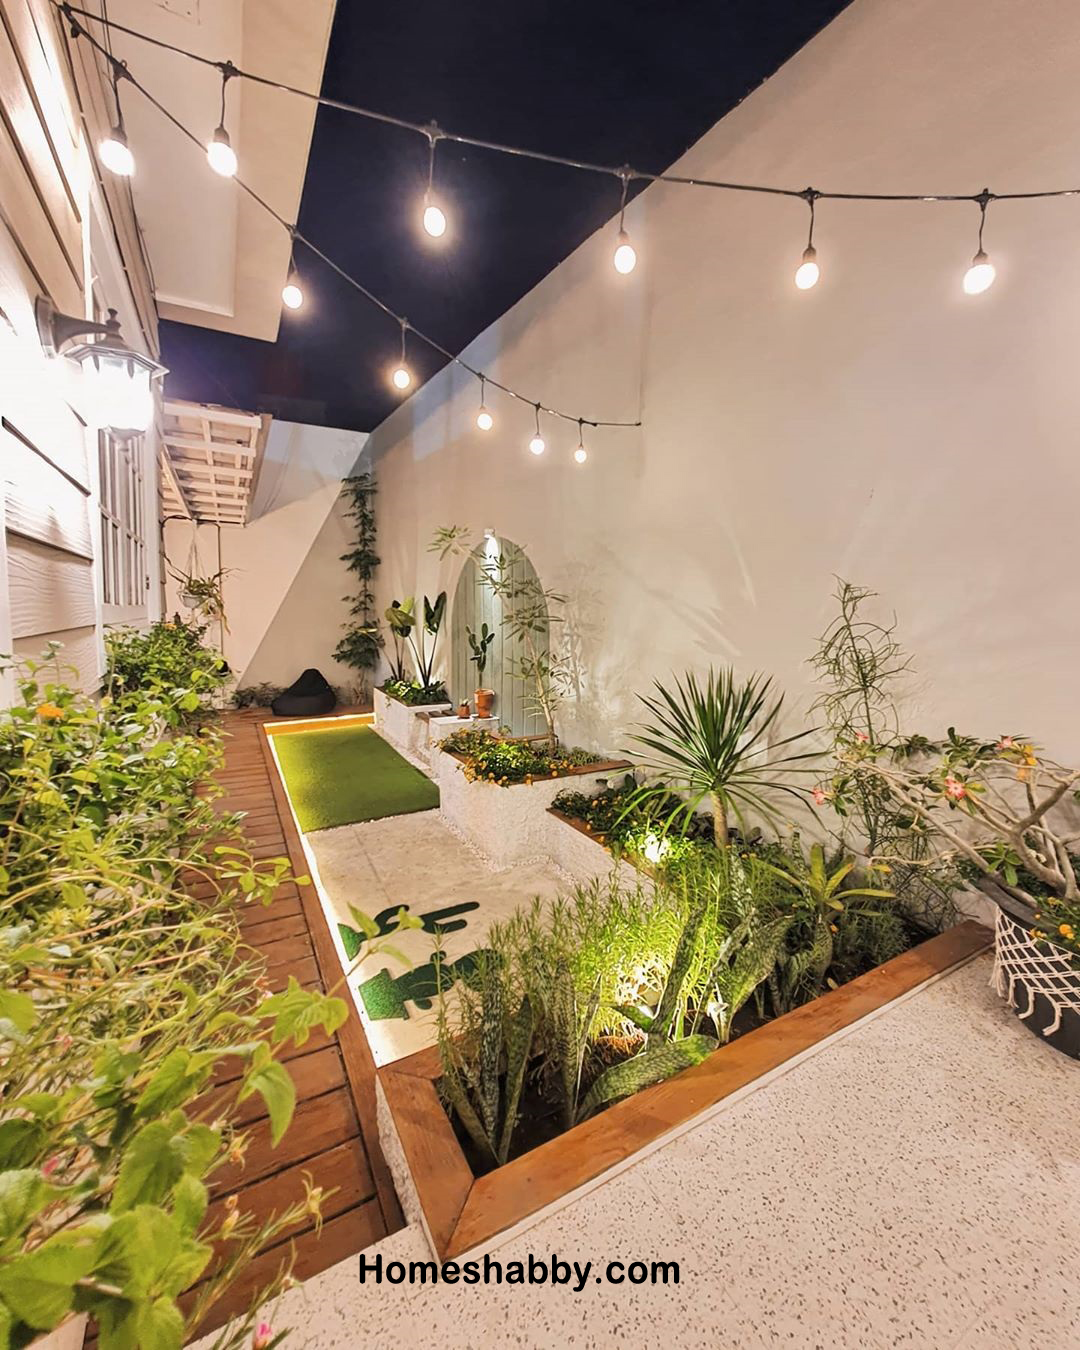 Inspirasi Taman Belakang Rumah Yang Asri Dan Sebagai Resapan Air Homeshabby Com Design Home Plans Home Decorating And Interior Design